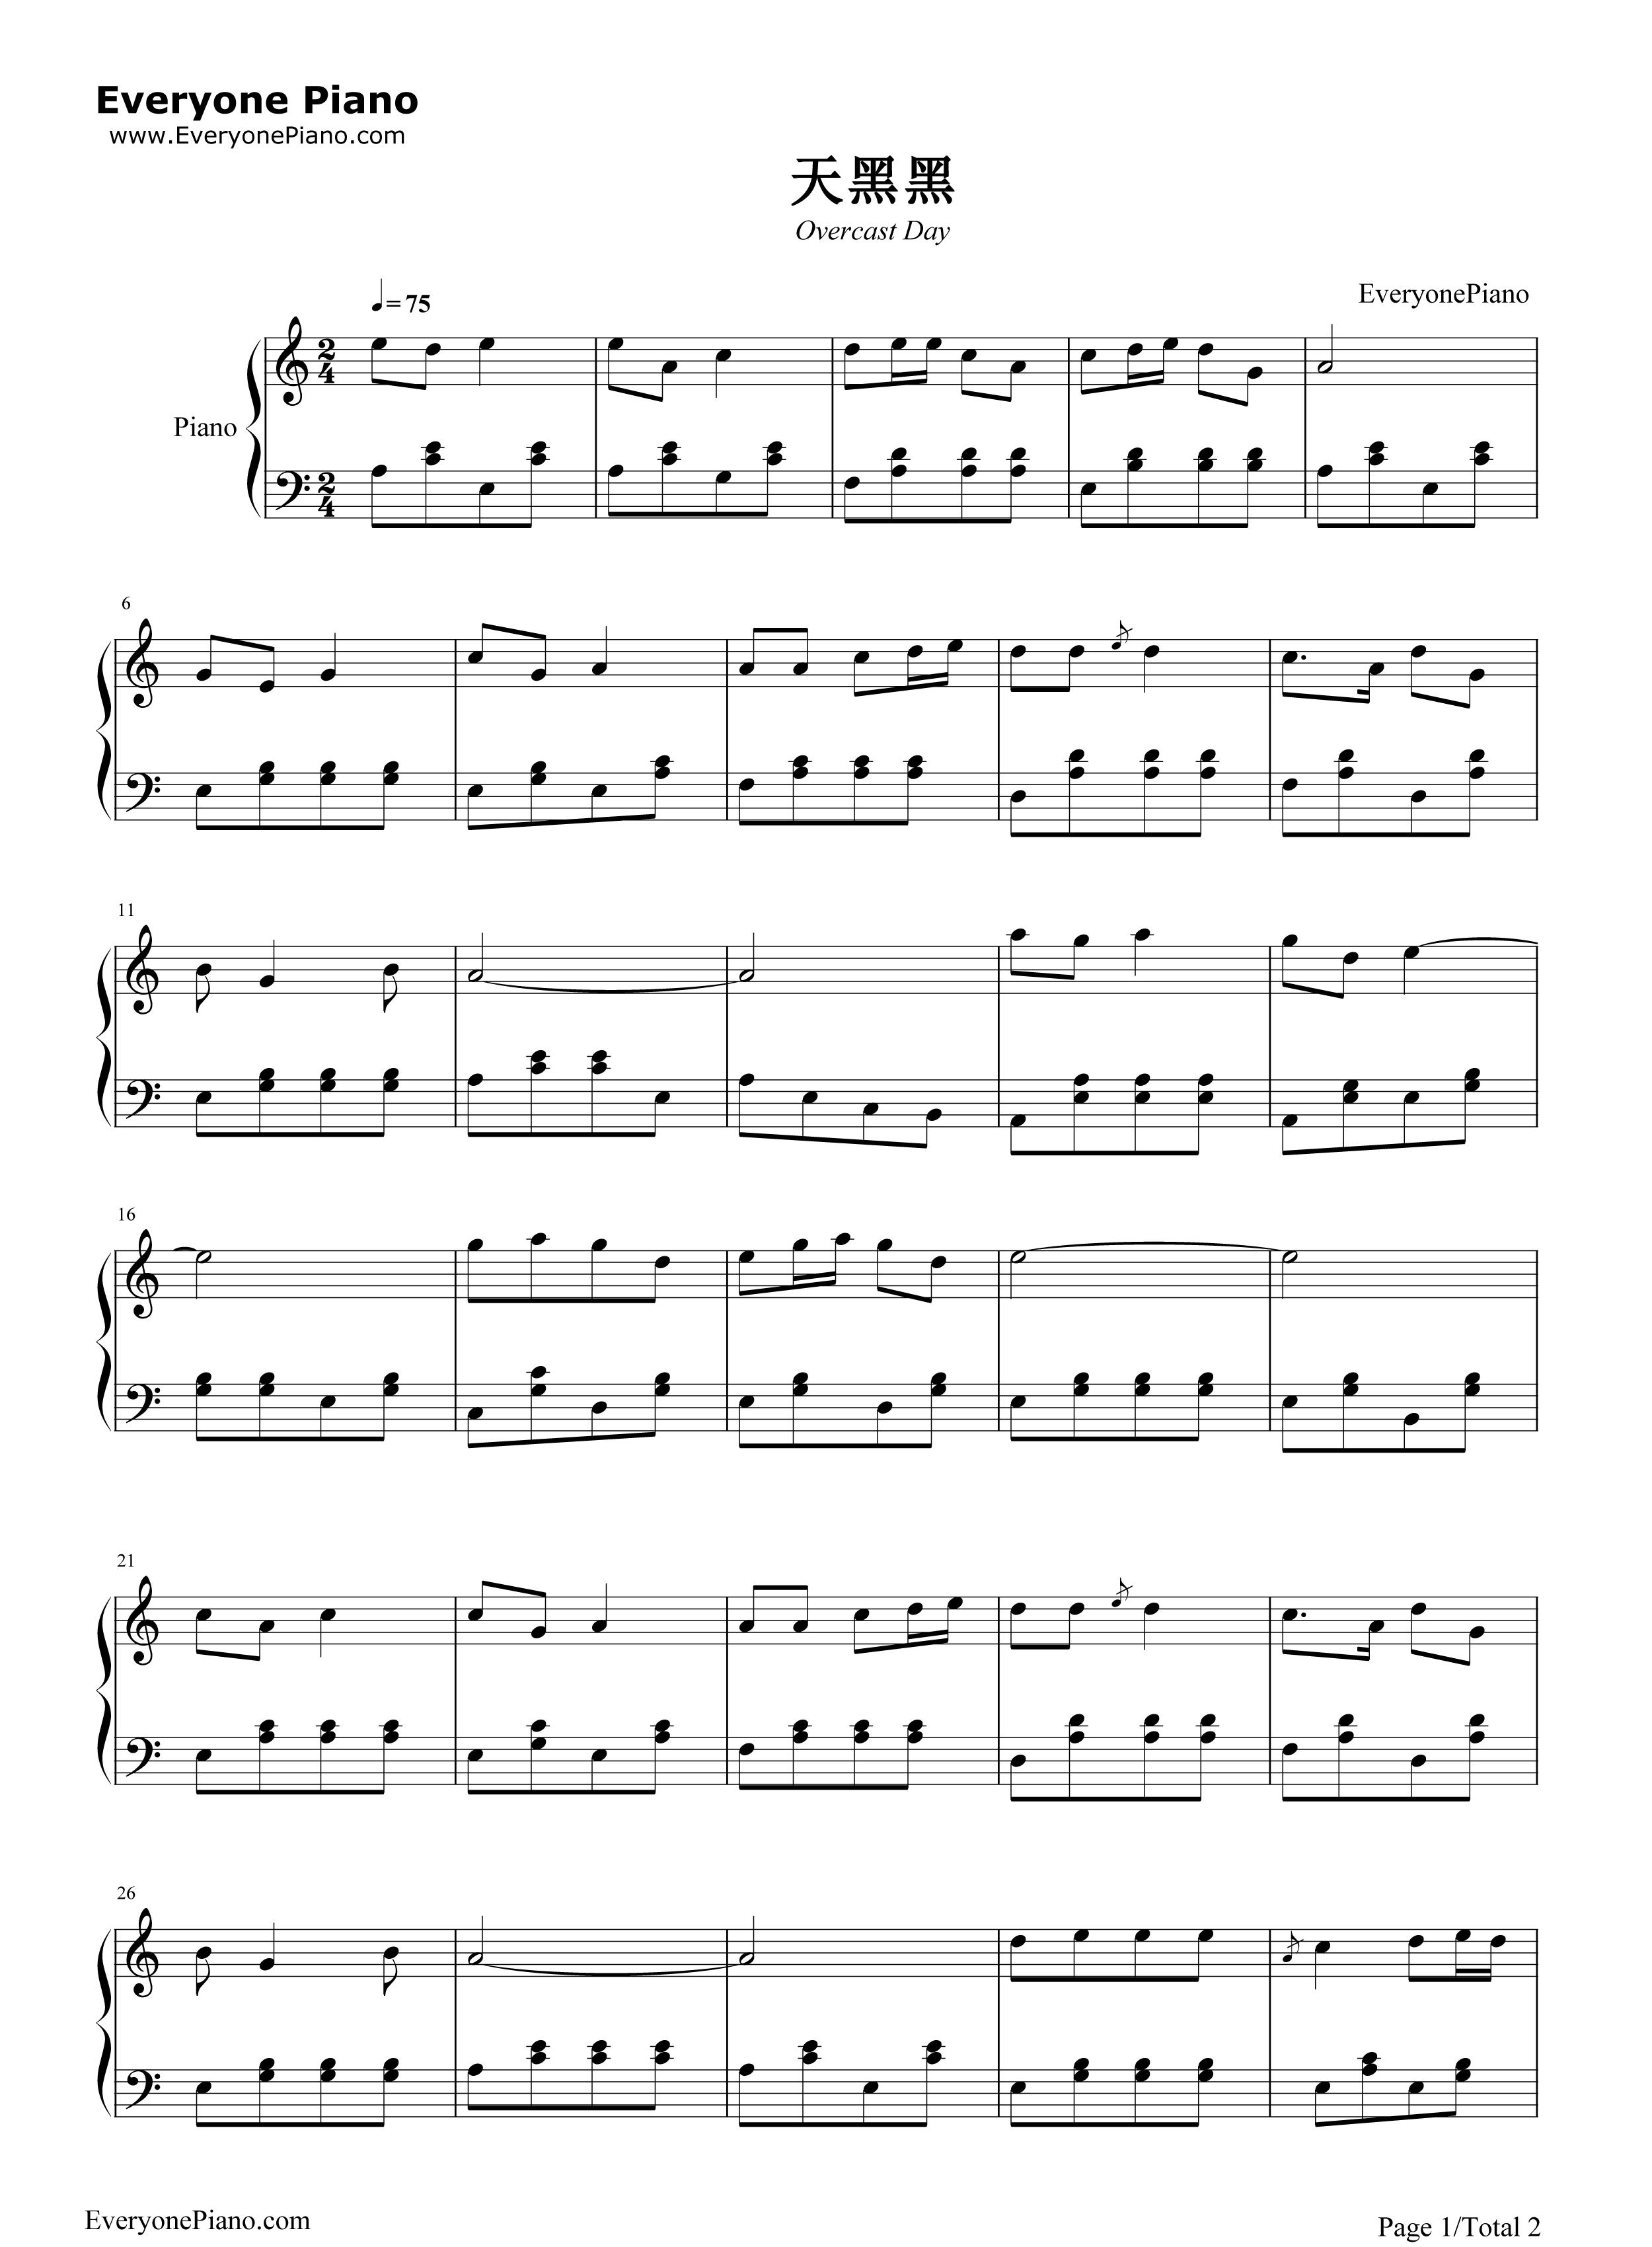 钢琴曲谱 流行 天黑黑 天黑黑五线谱预览1  }  仅供学习交流使用!